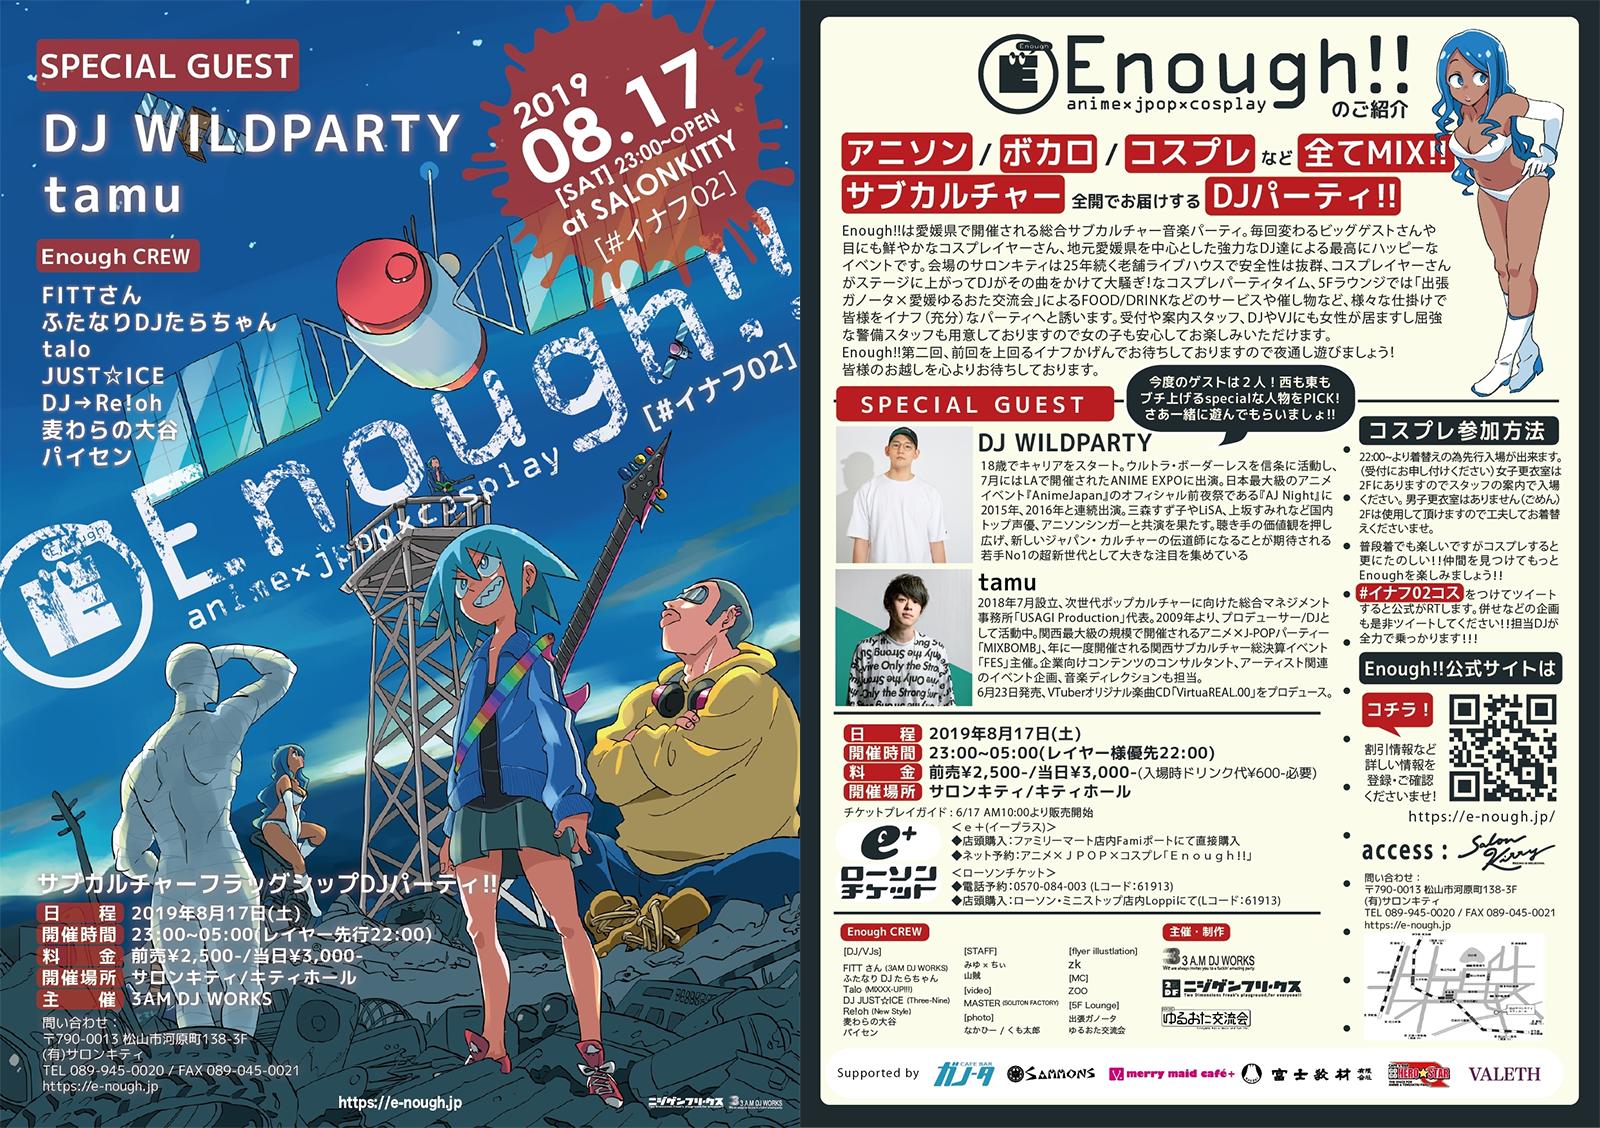 Enough!!